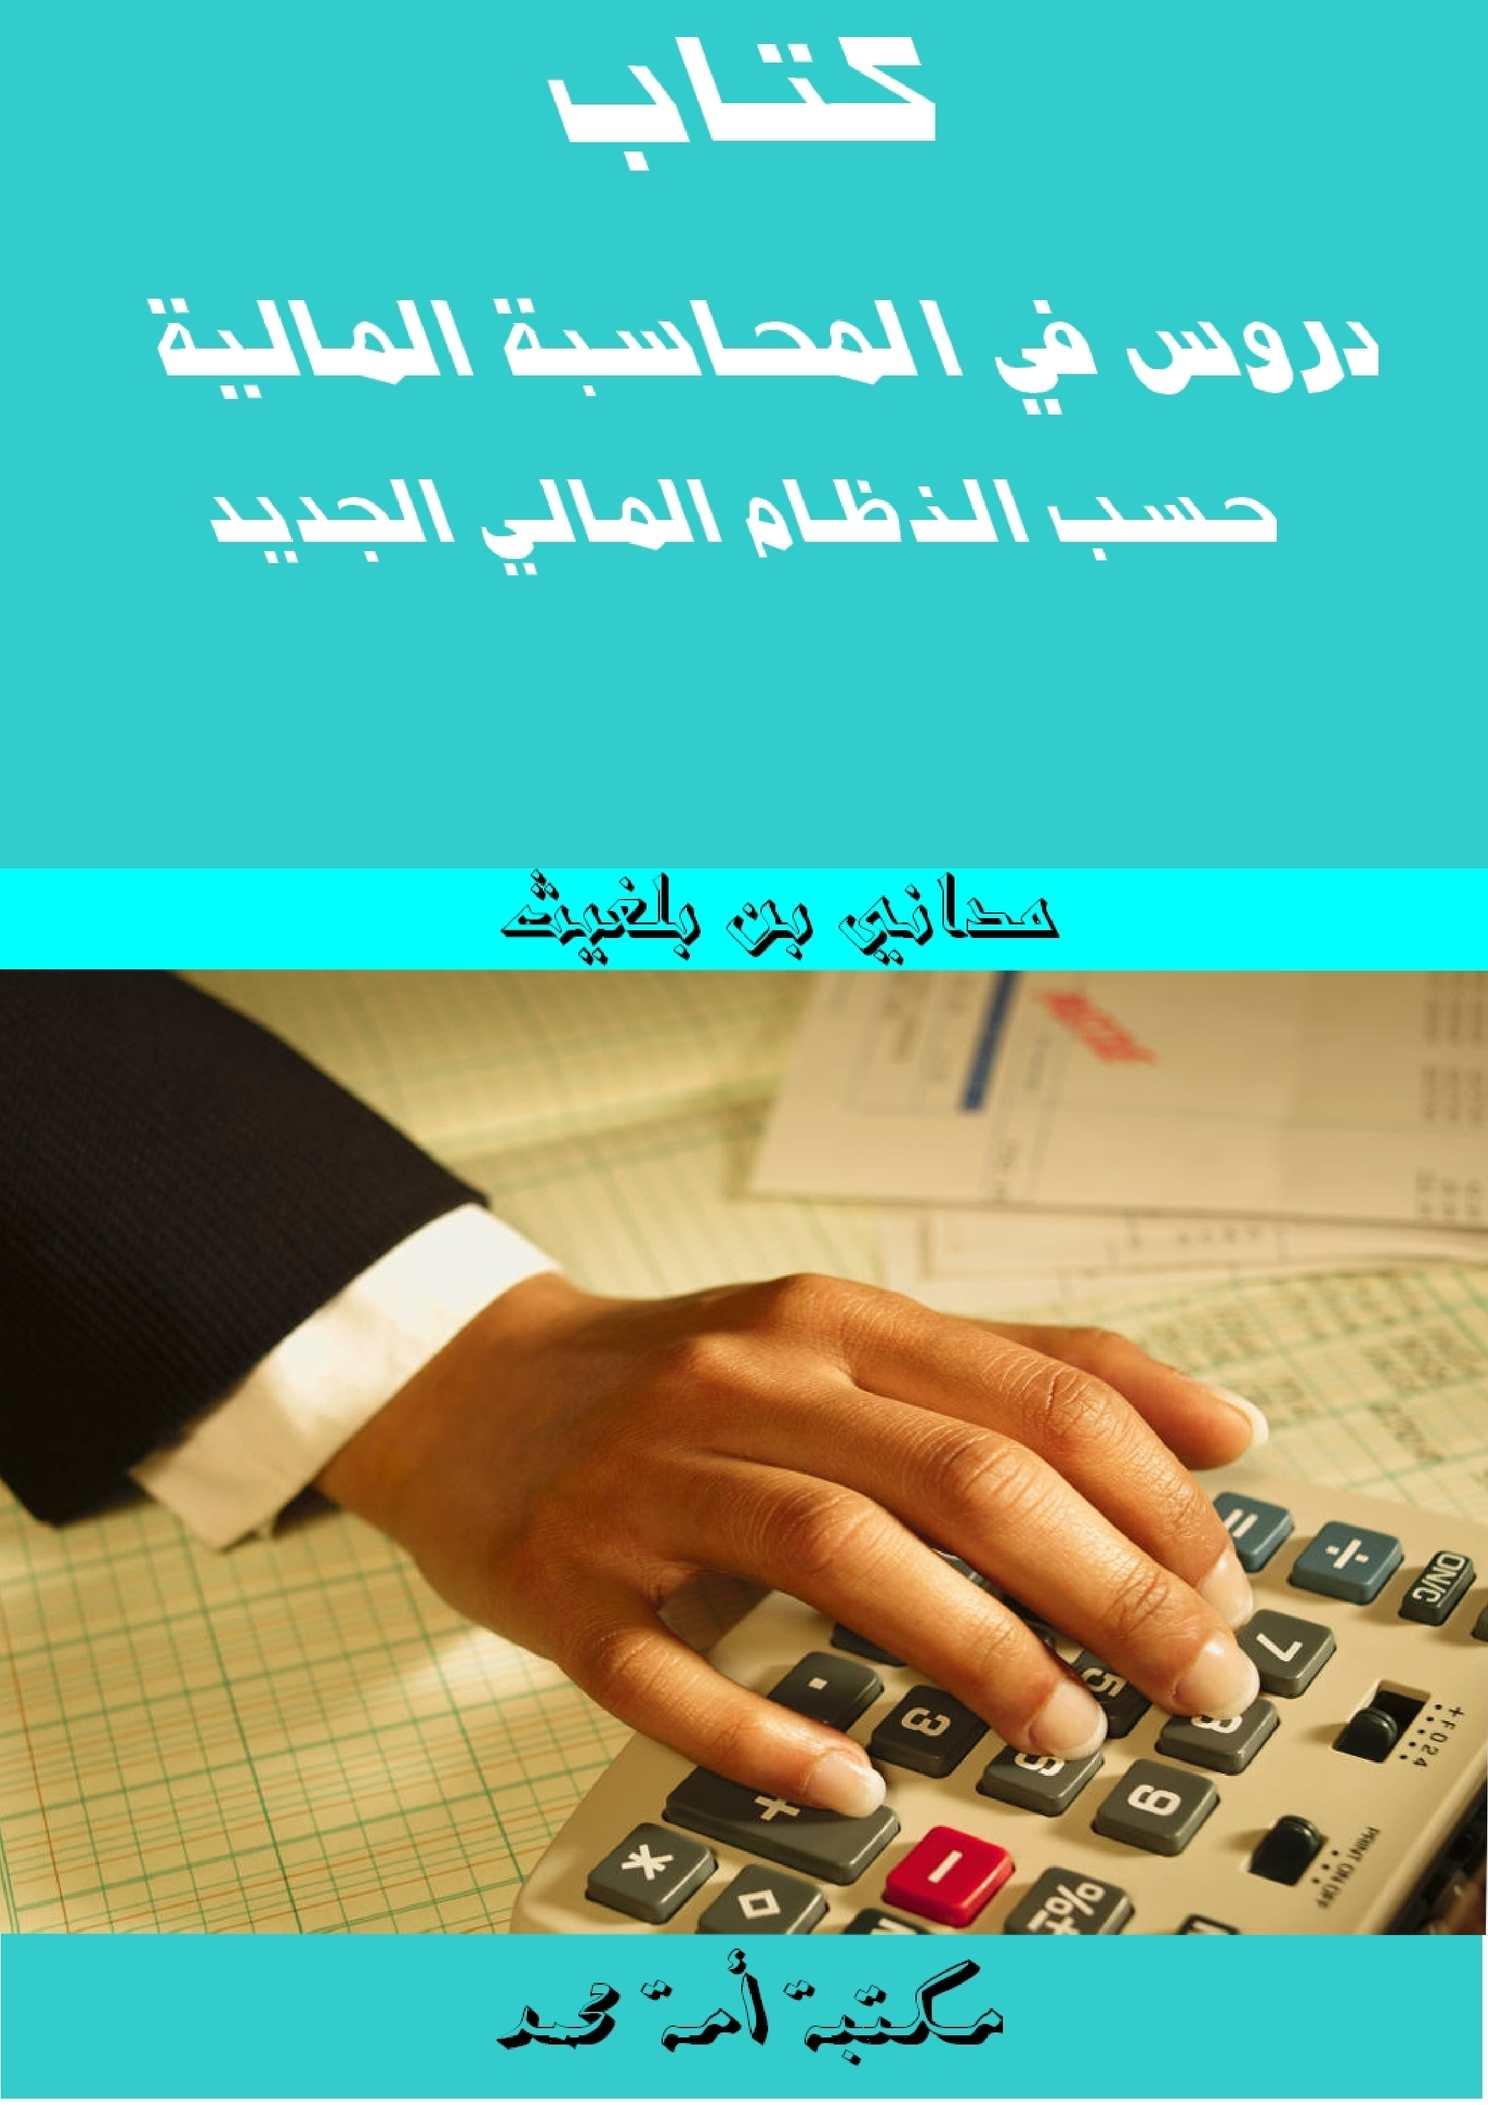 دروس في المحاسبة المالية حسب النظام المالي المحاسبي الجديد